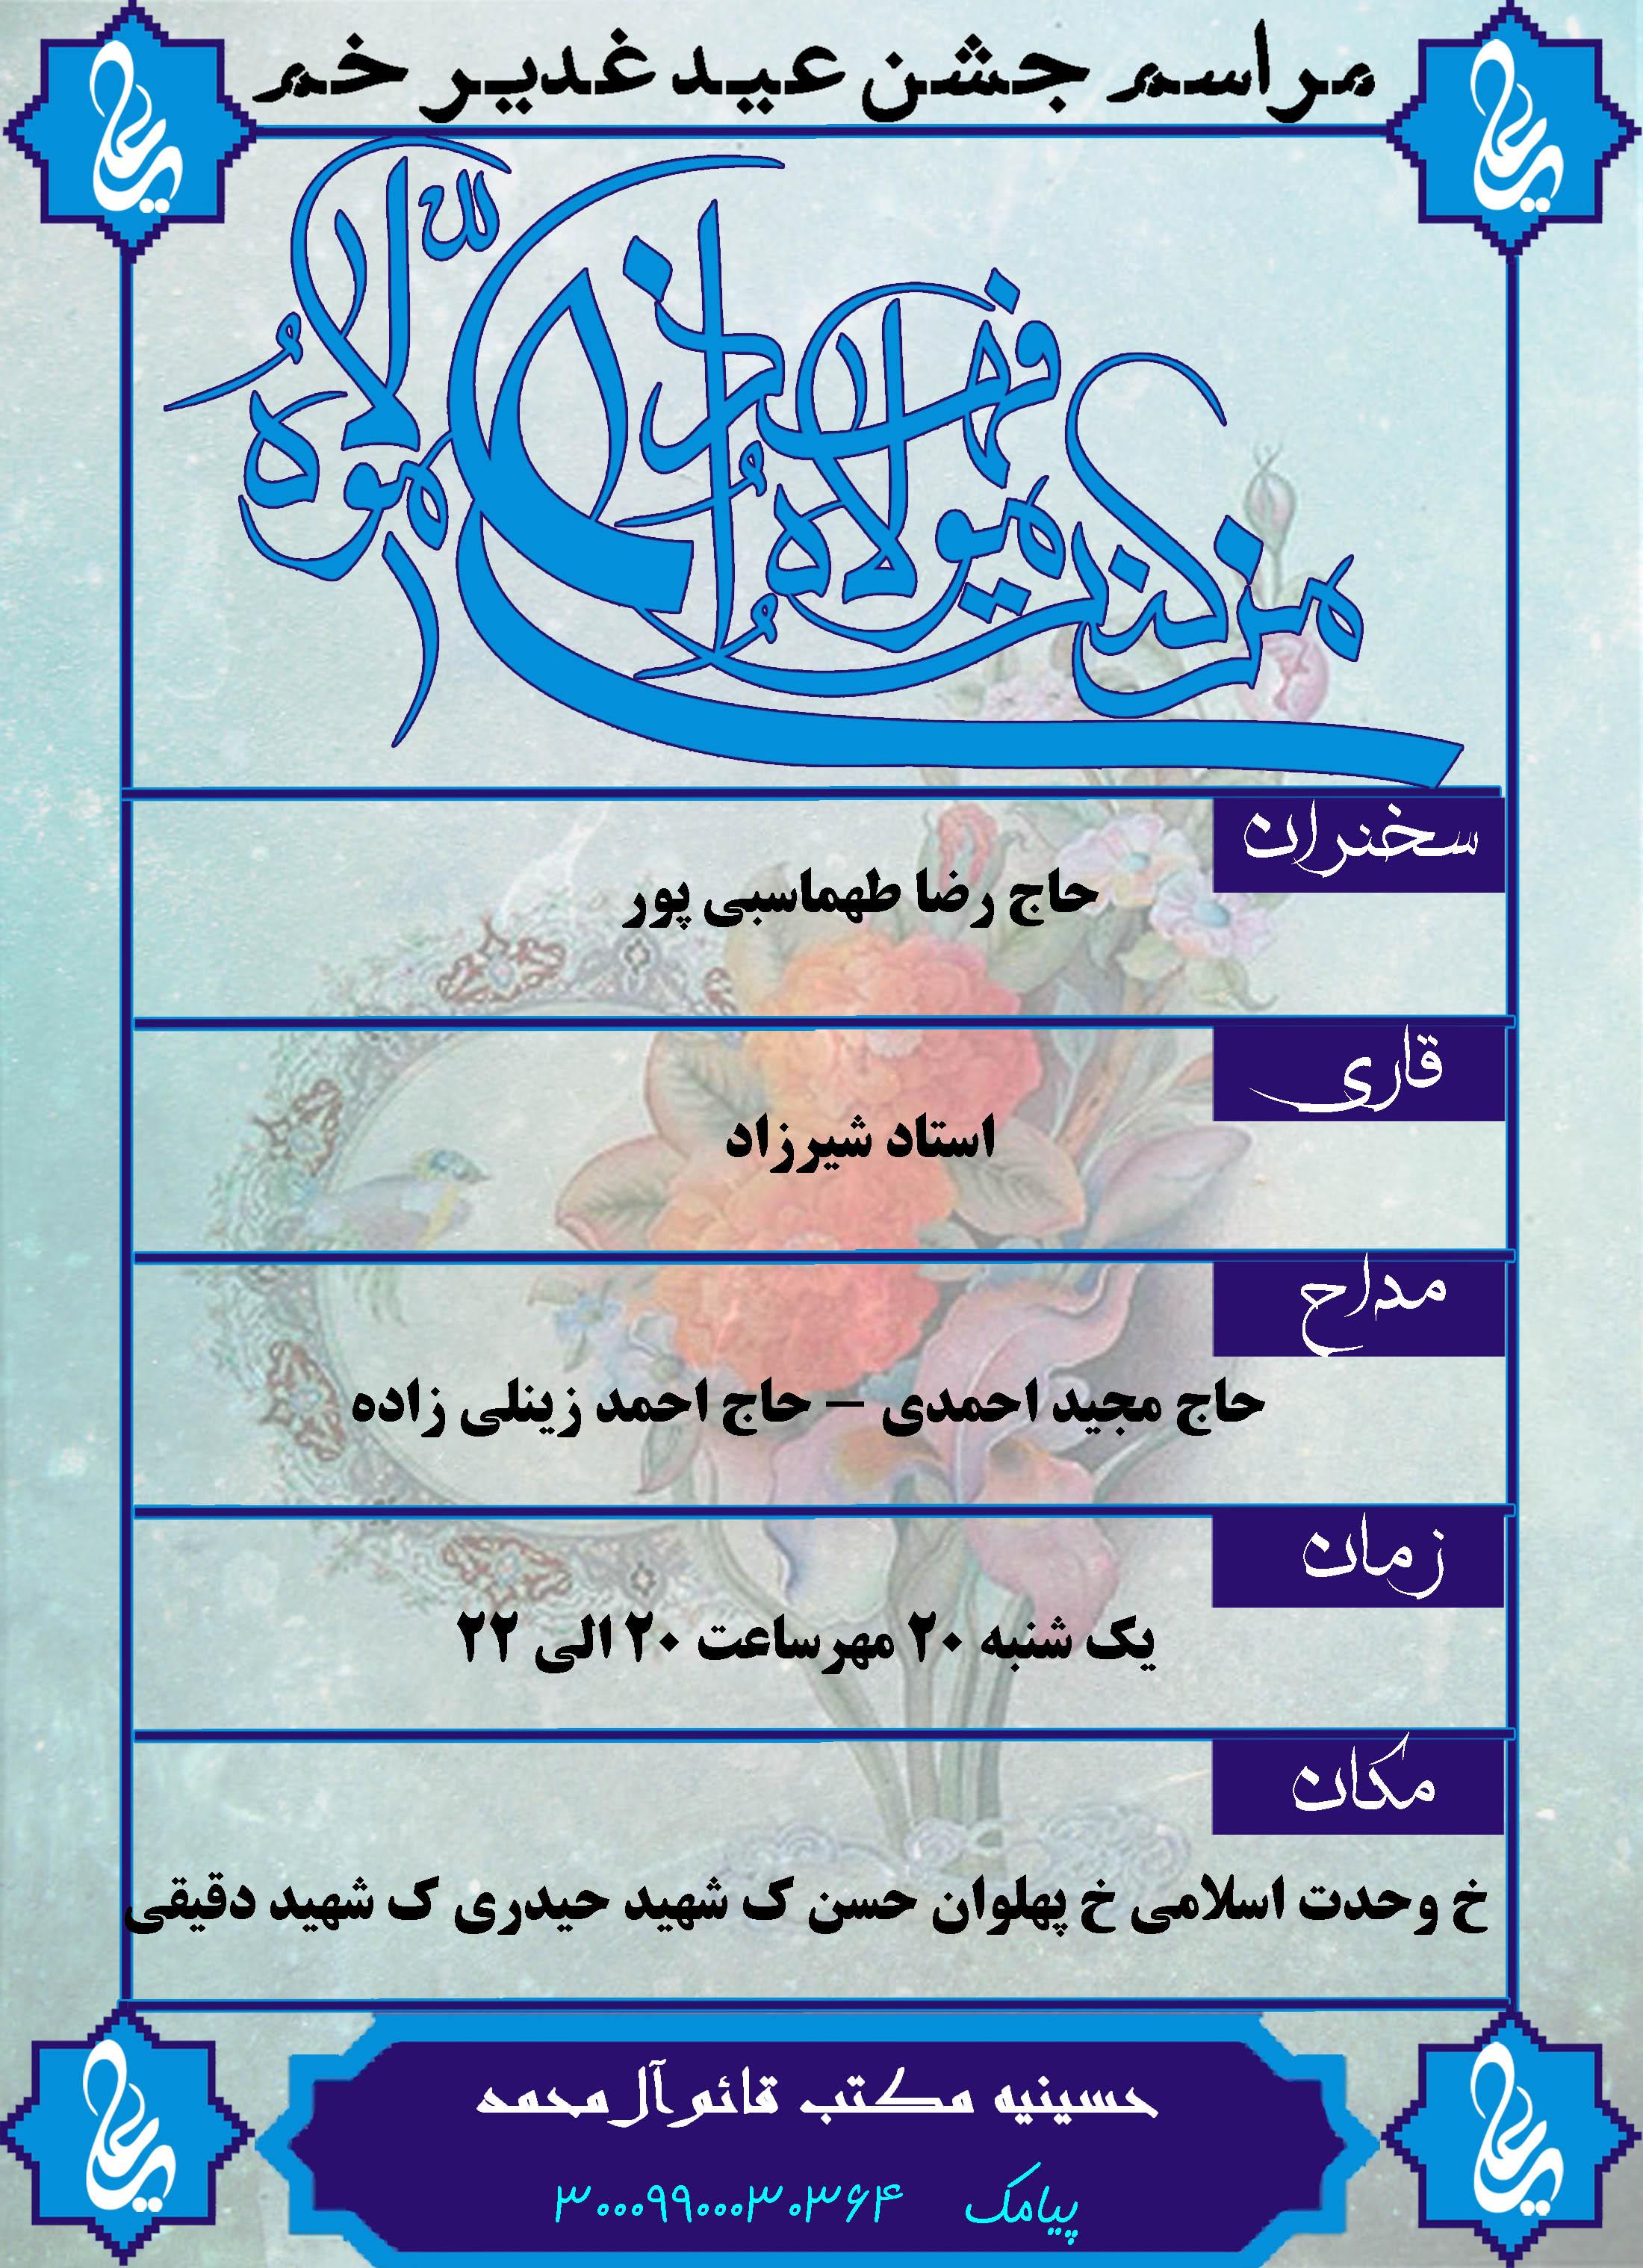 اعلانیه عید غدیر